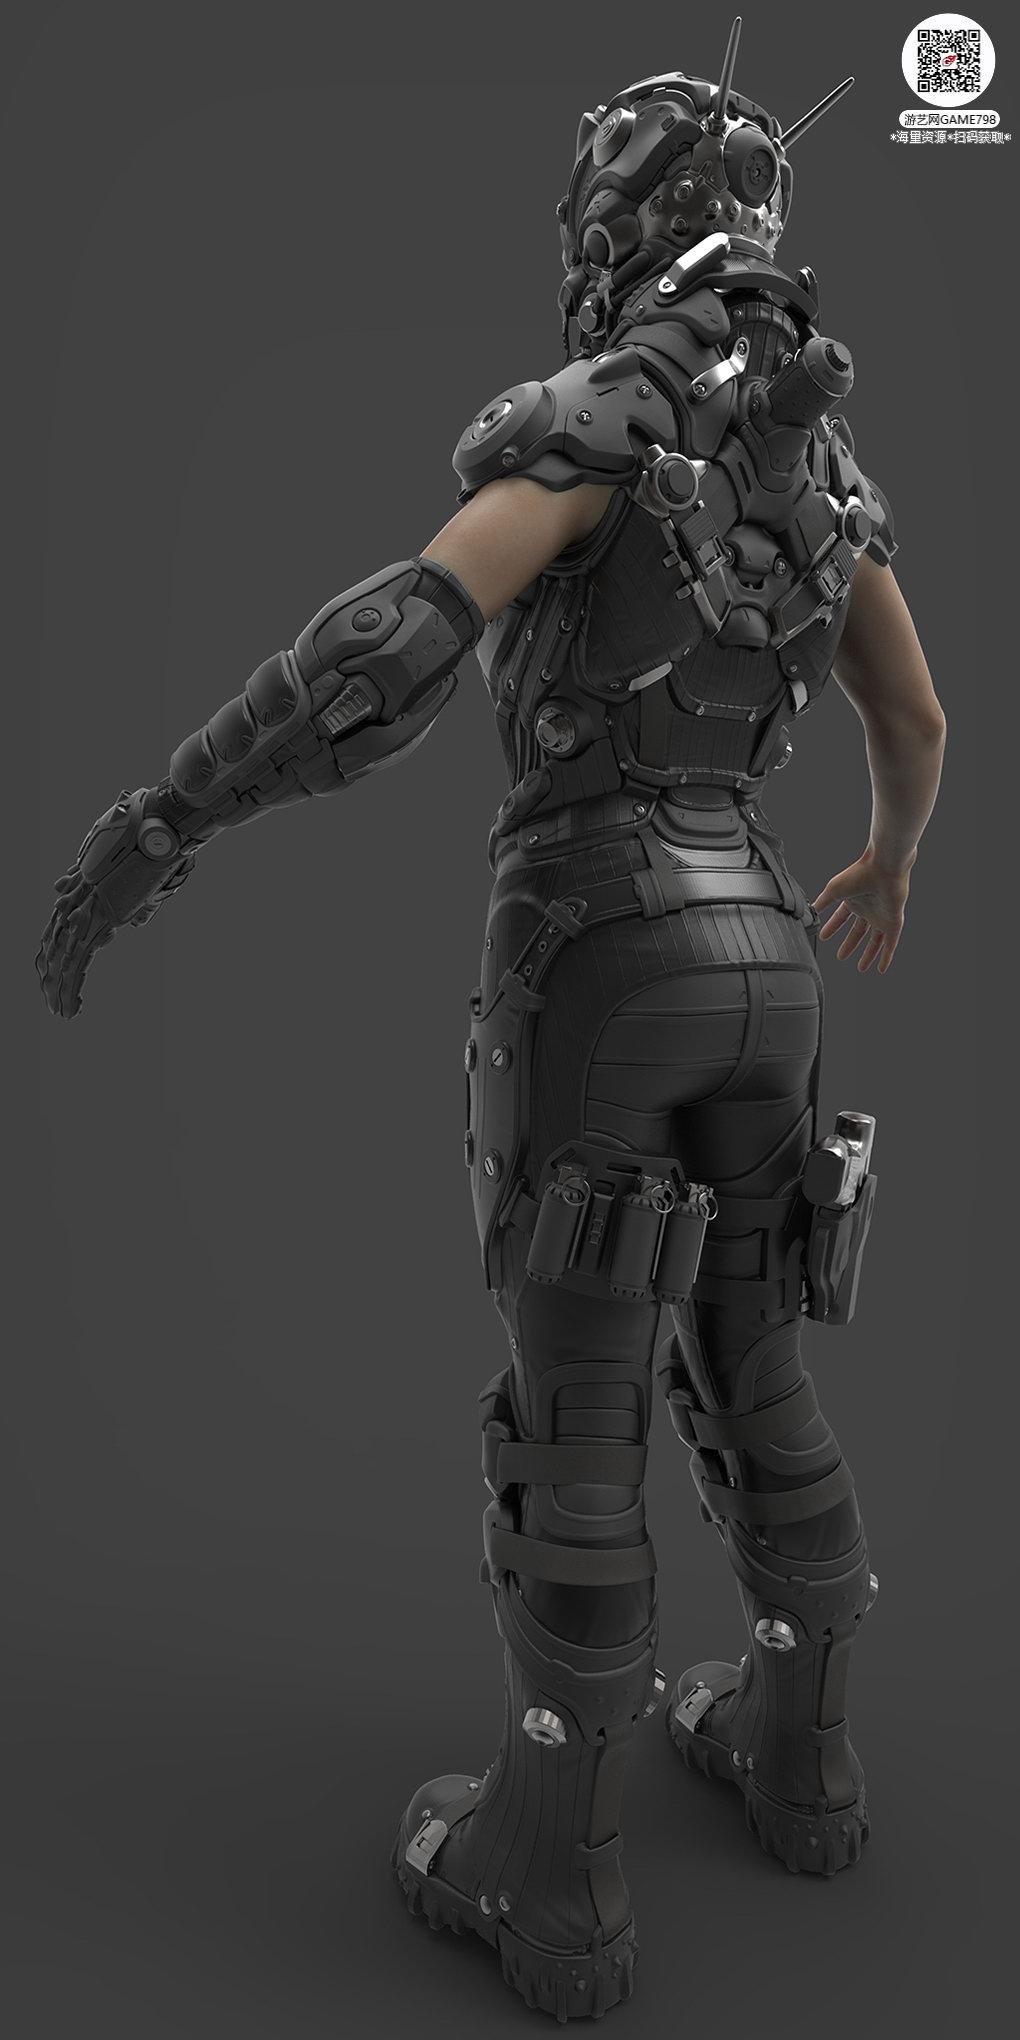 041_关注游艺网公众号获海量资源_3D网游次世代模型大图参考机械怪兽科幻ZBrush4R8雕刻.jpg